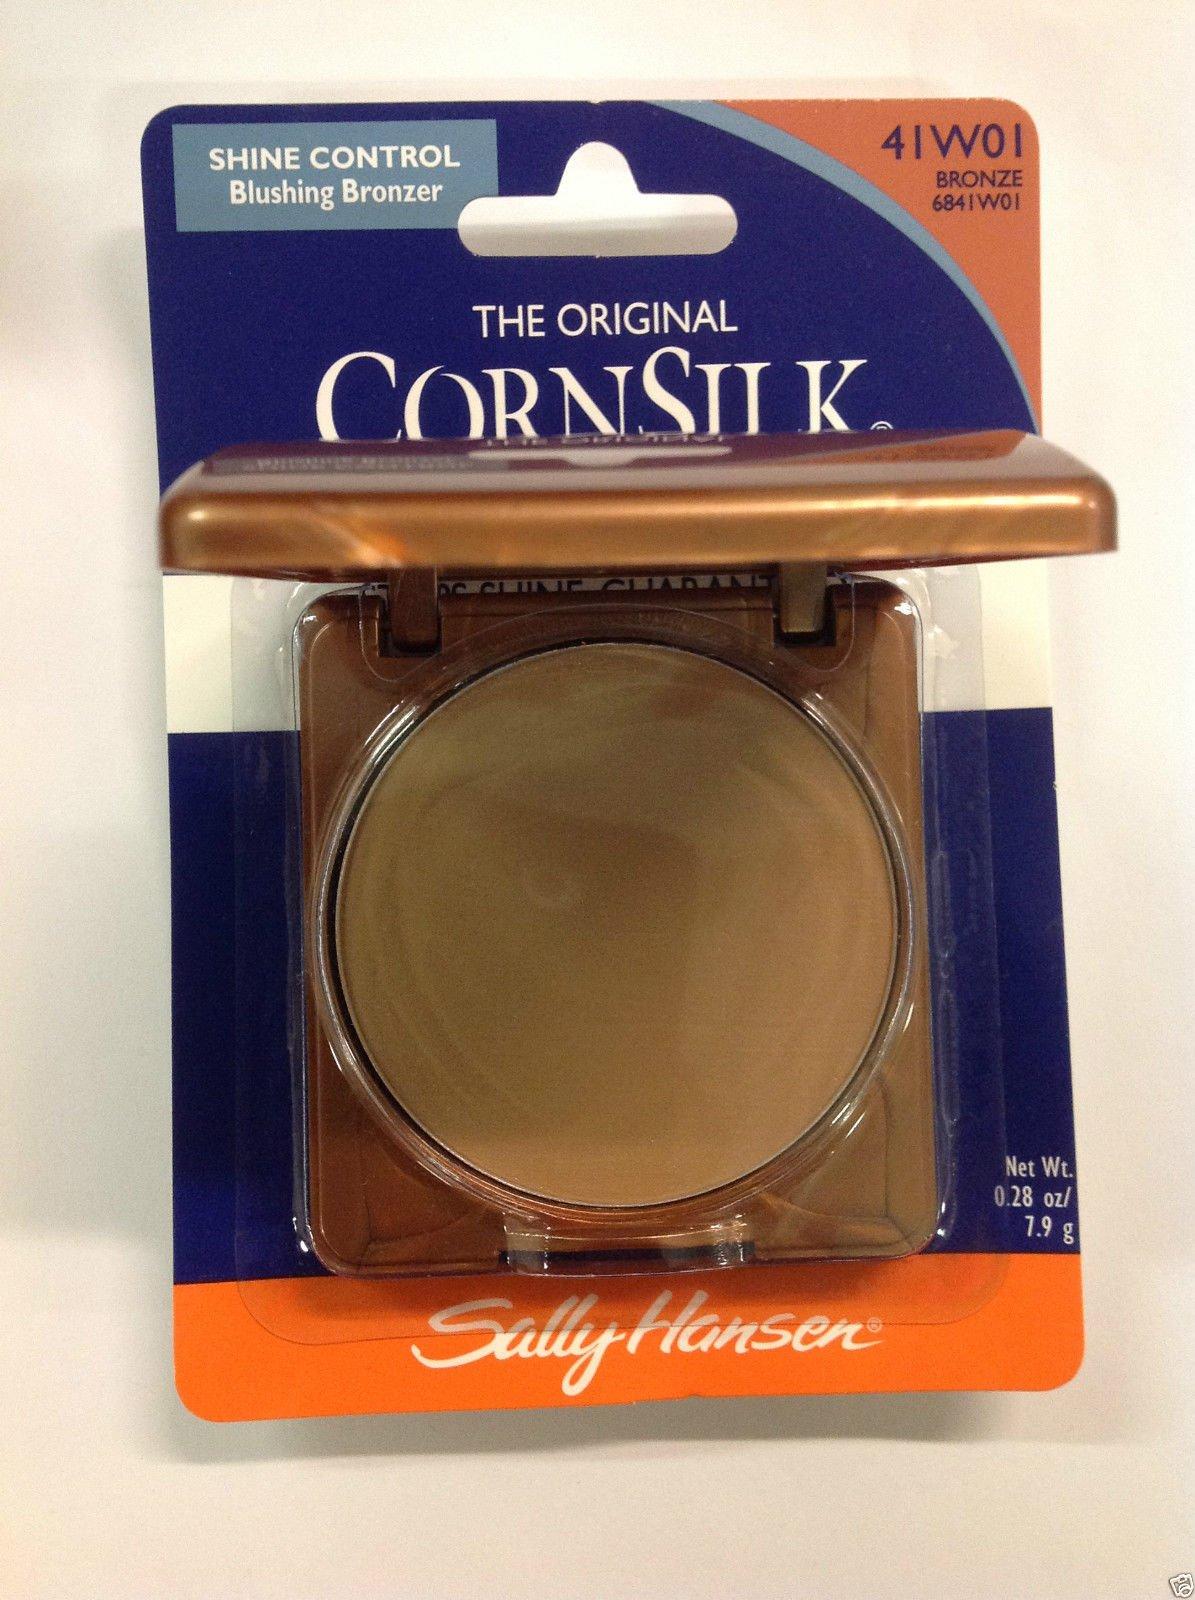 Sally Hansen Cornsilk Shine Control, Blushing Bronzer, Pressed Powder, Bronze 6841-01